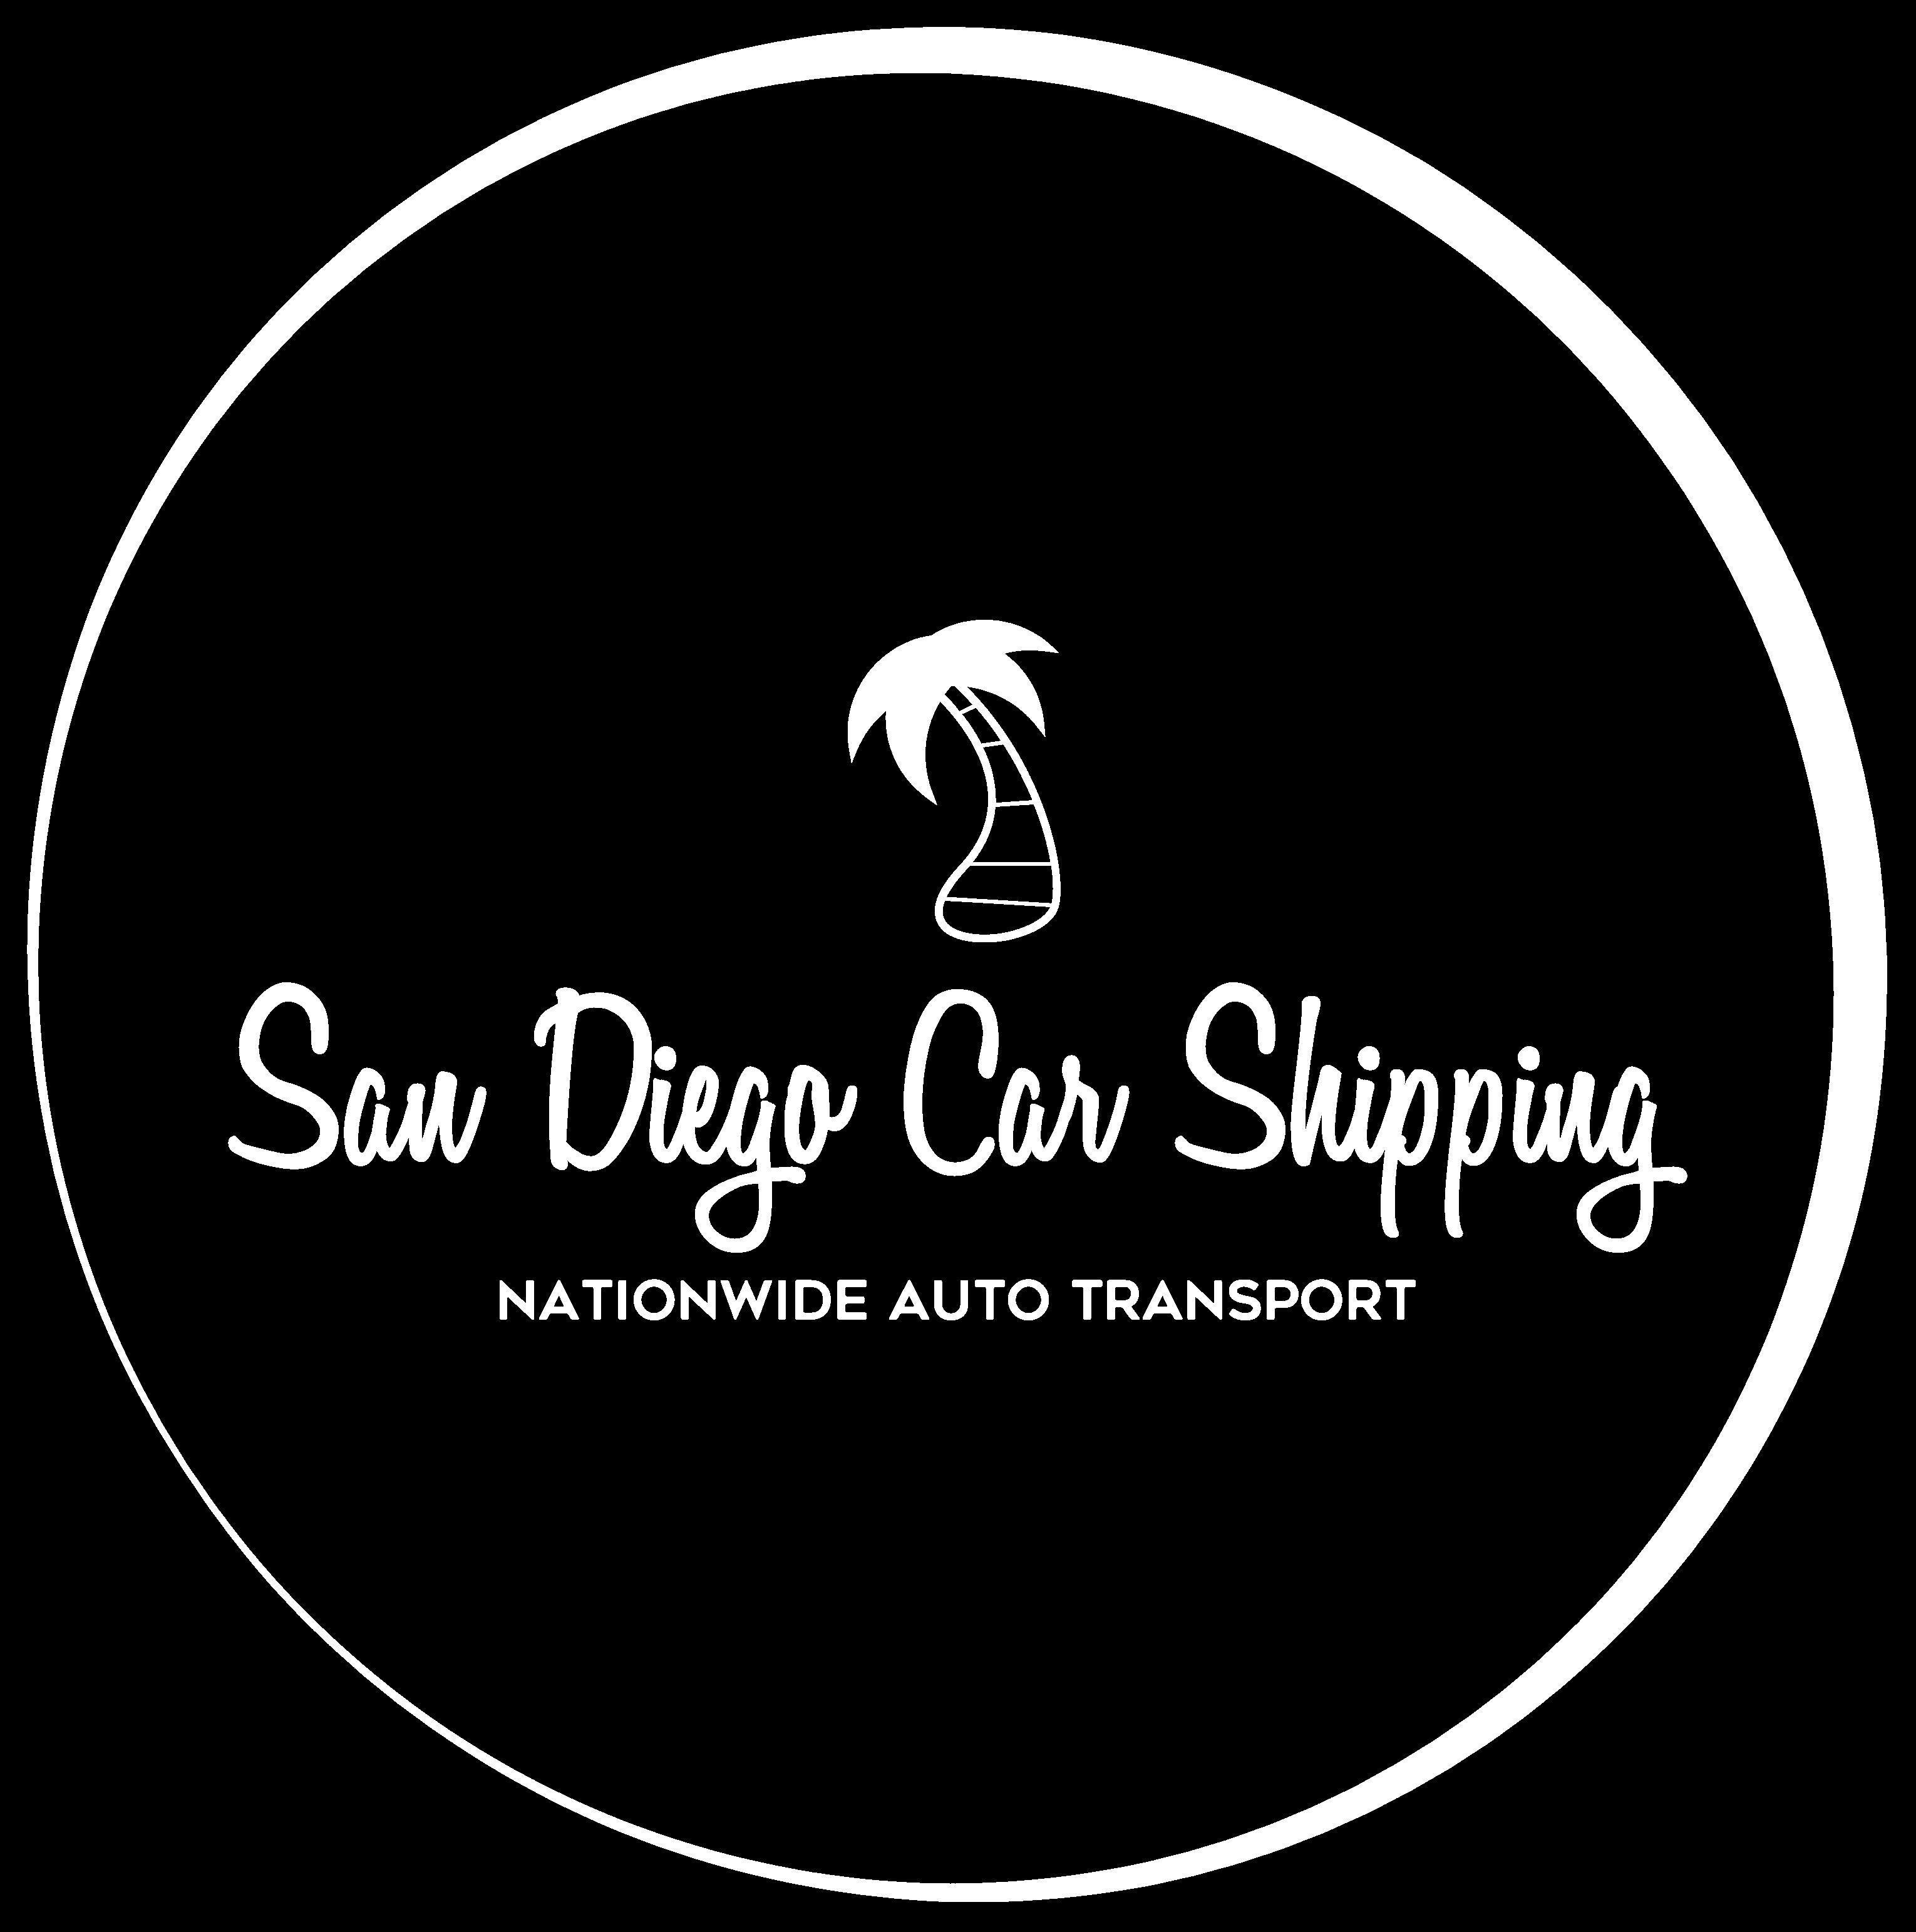 San Diego Car Shipping